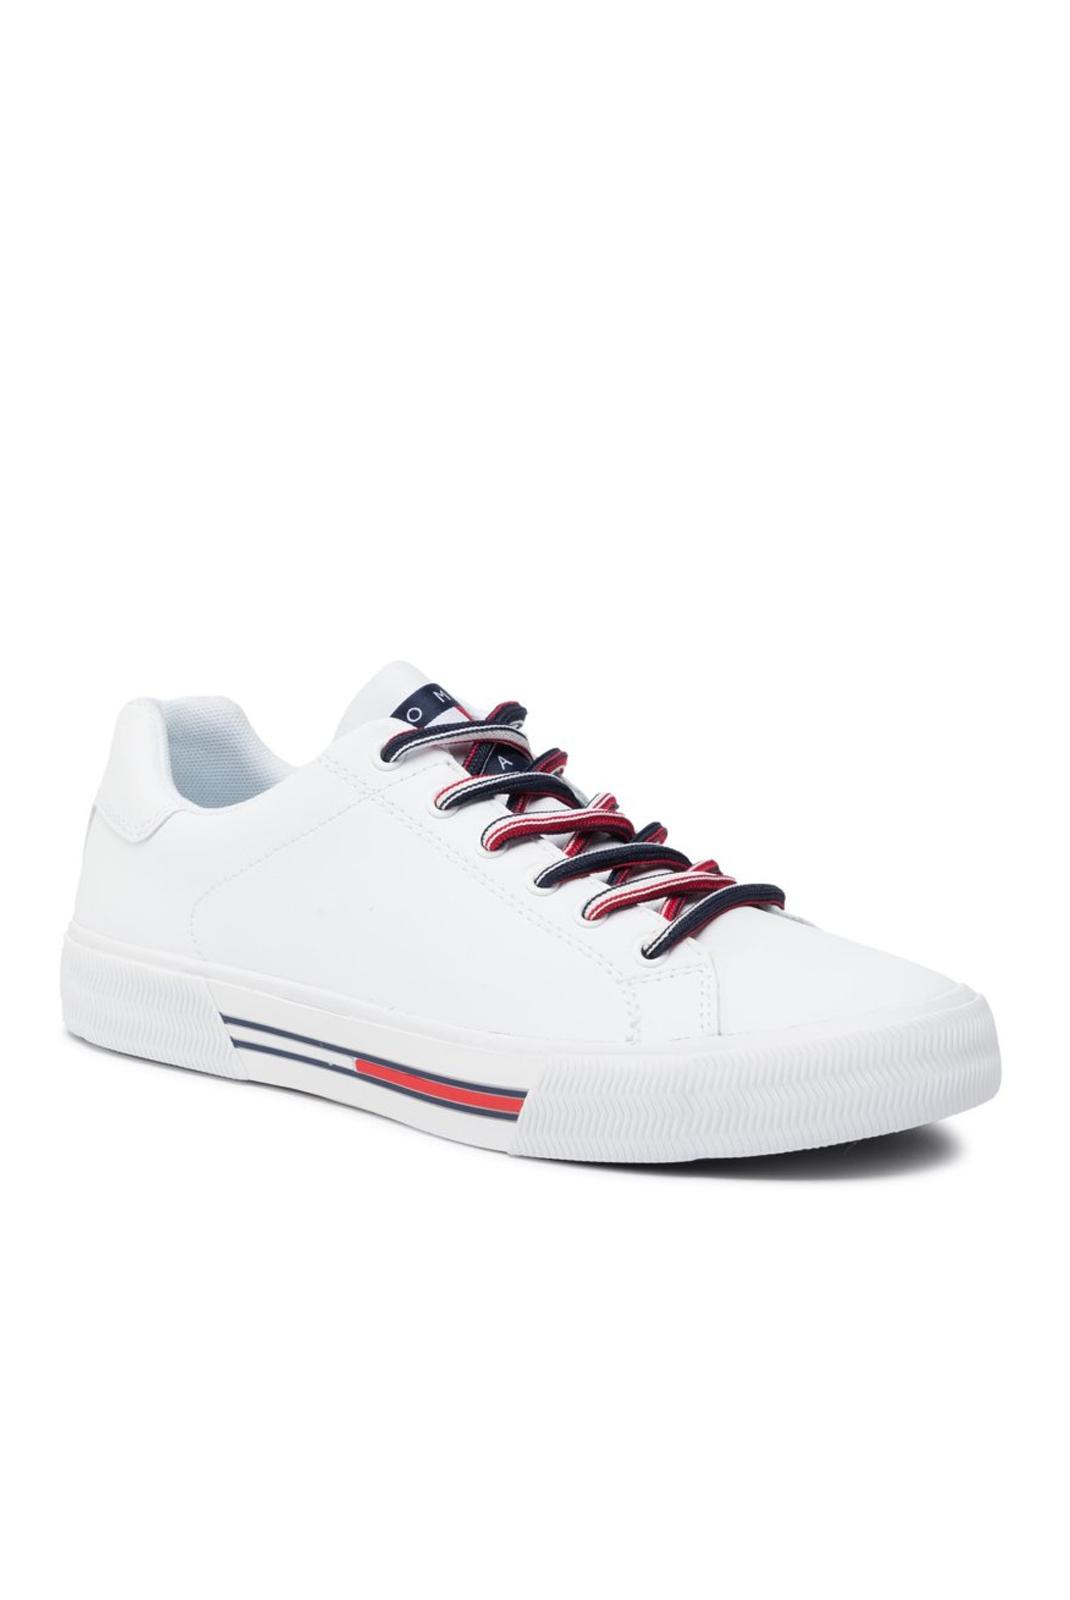 Baskets / Sport  Tommy Jeans EM0EM00389 YBS White